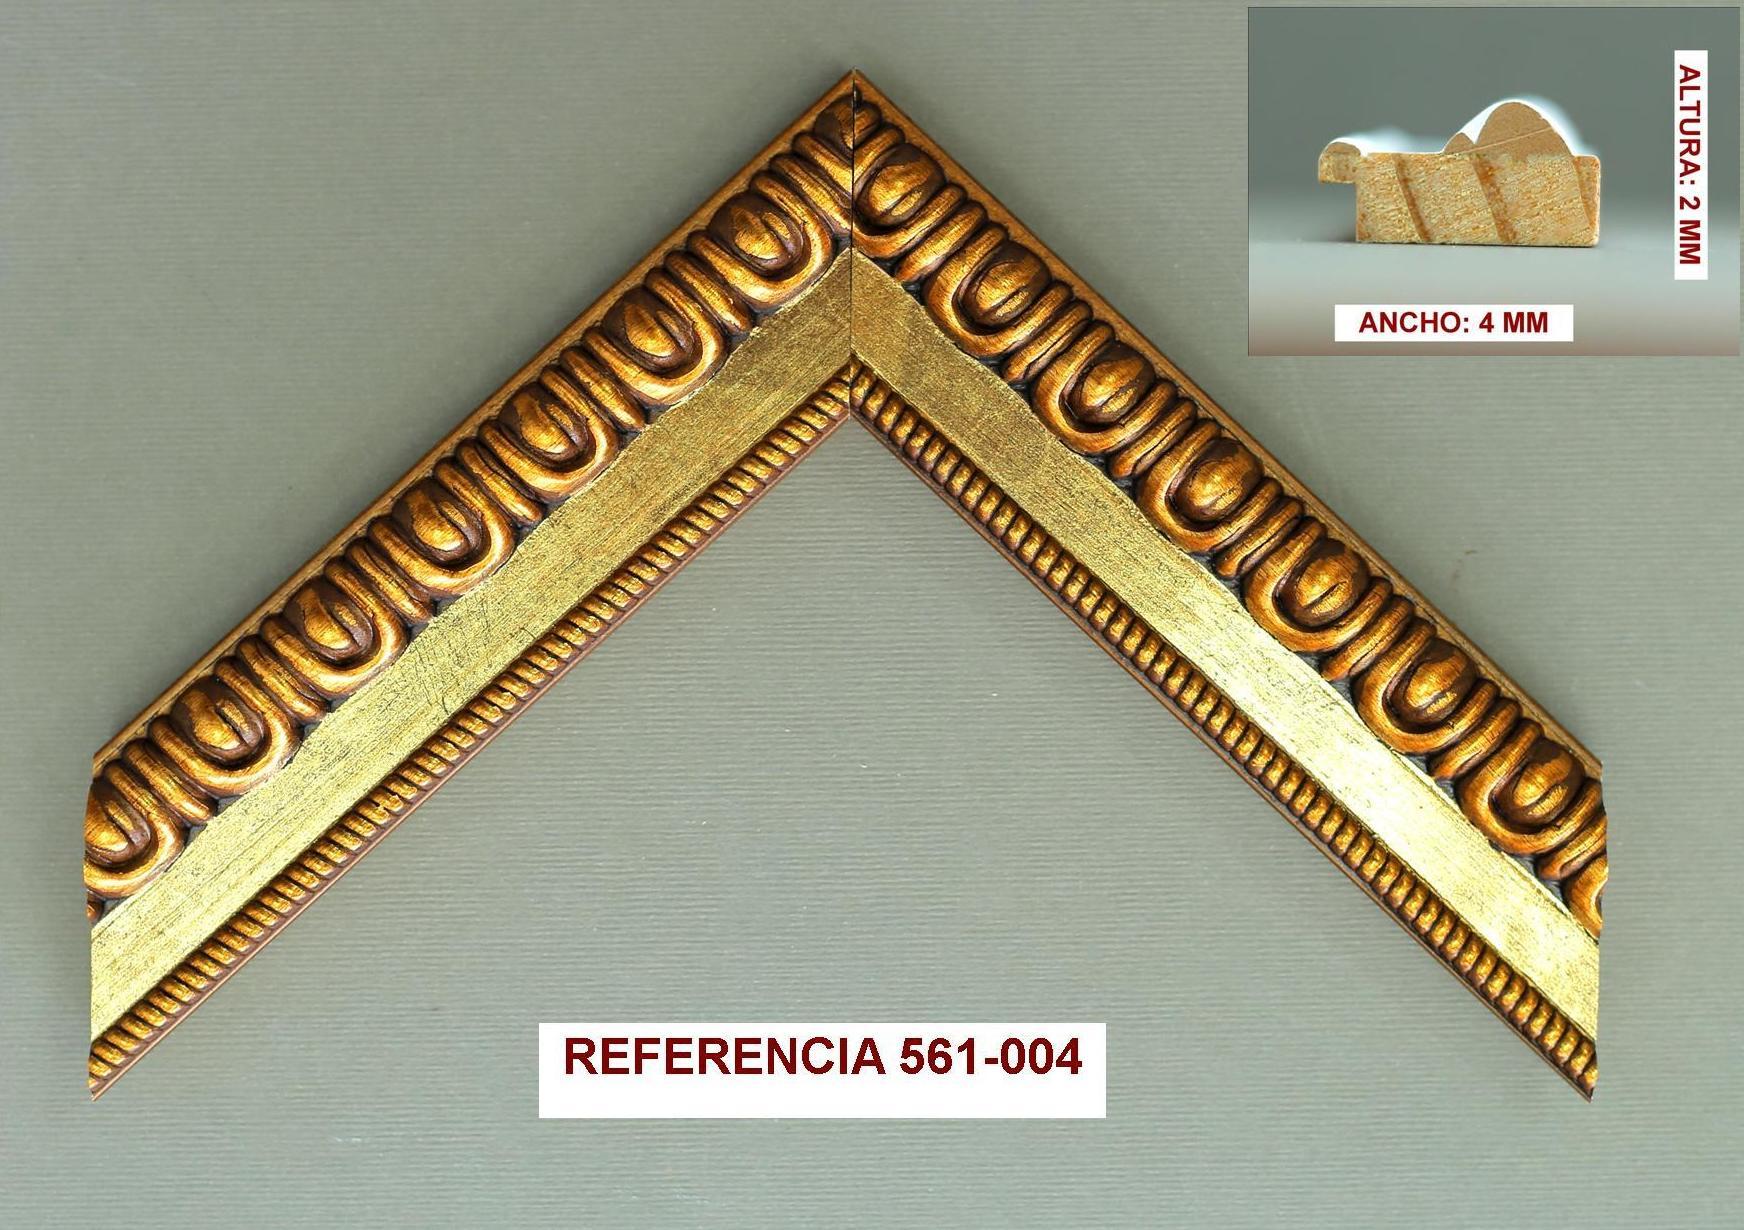 REF 561-004: Muestrario de Moldusevilla